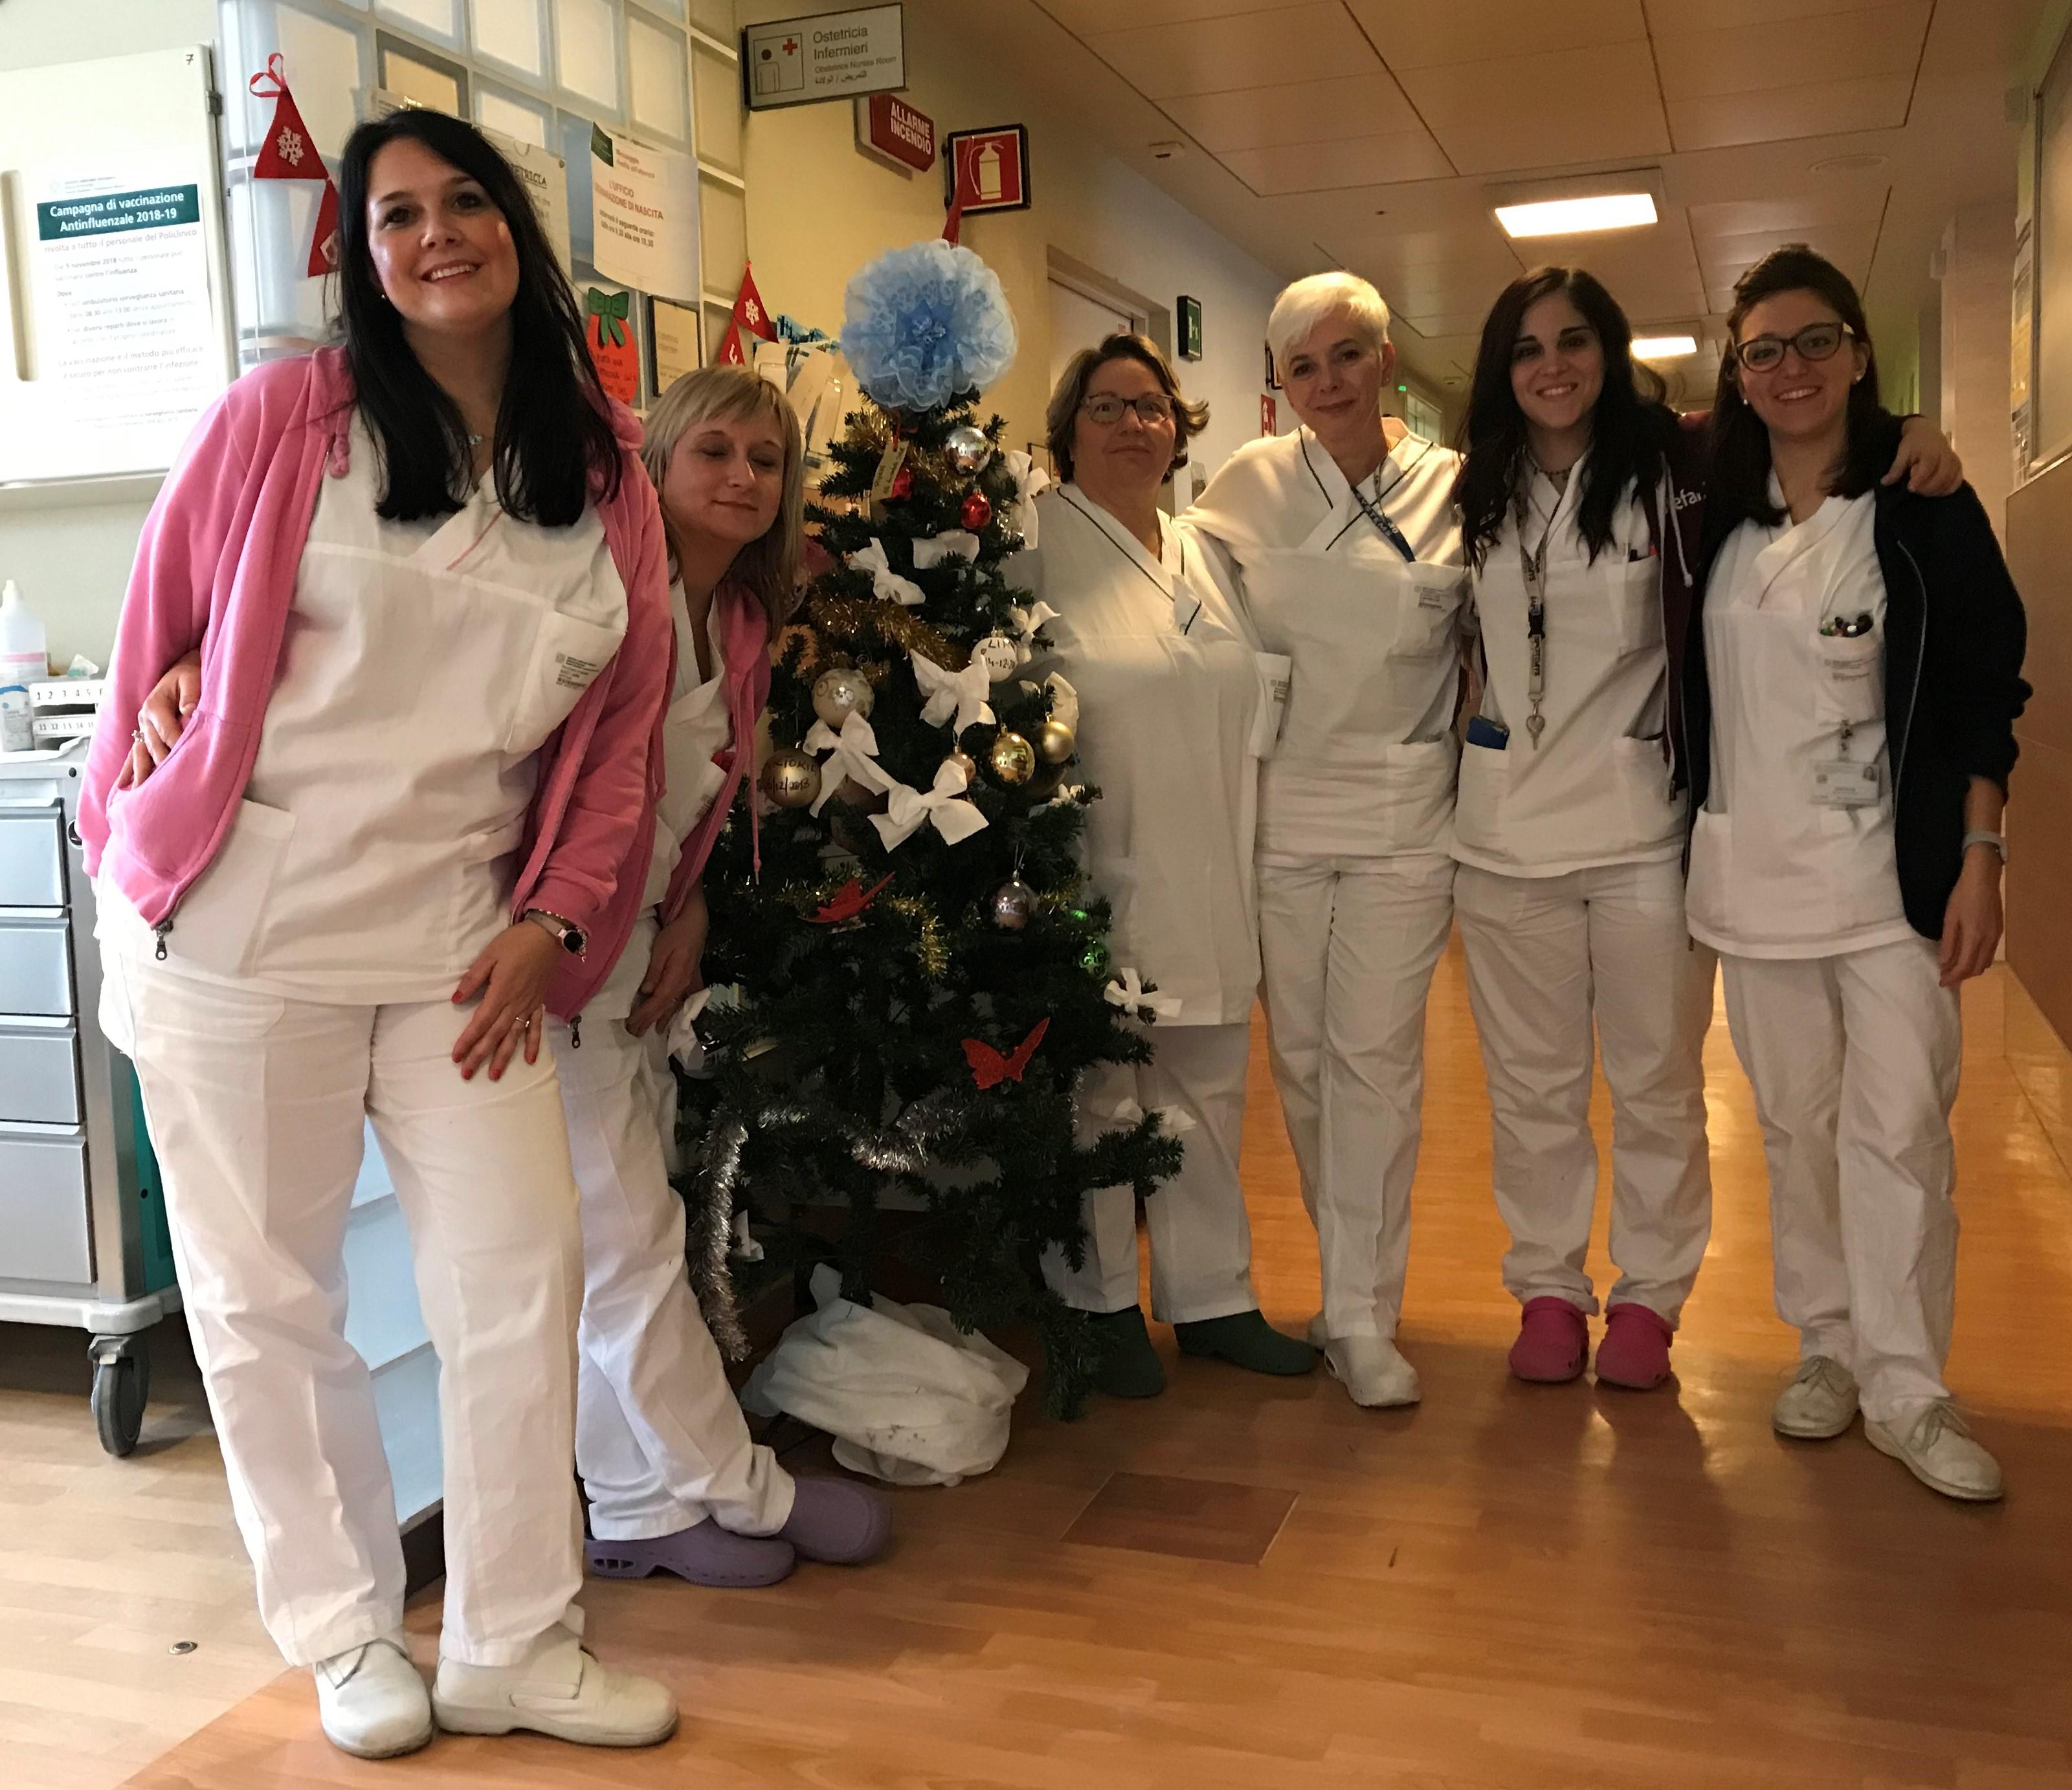 L'equipe infermieristica dell'Ostetricia e Ginecologia del Policlinico